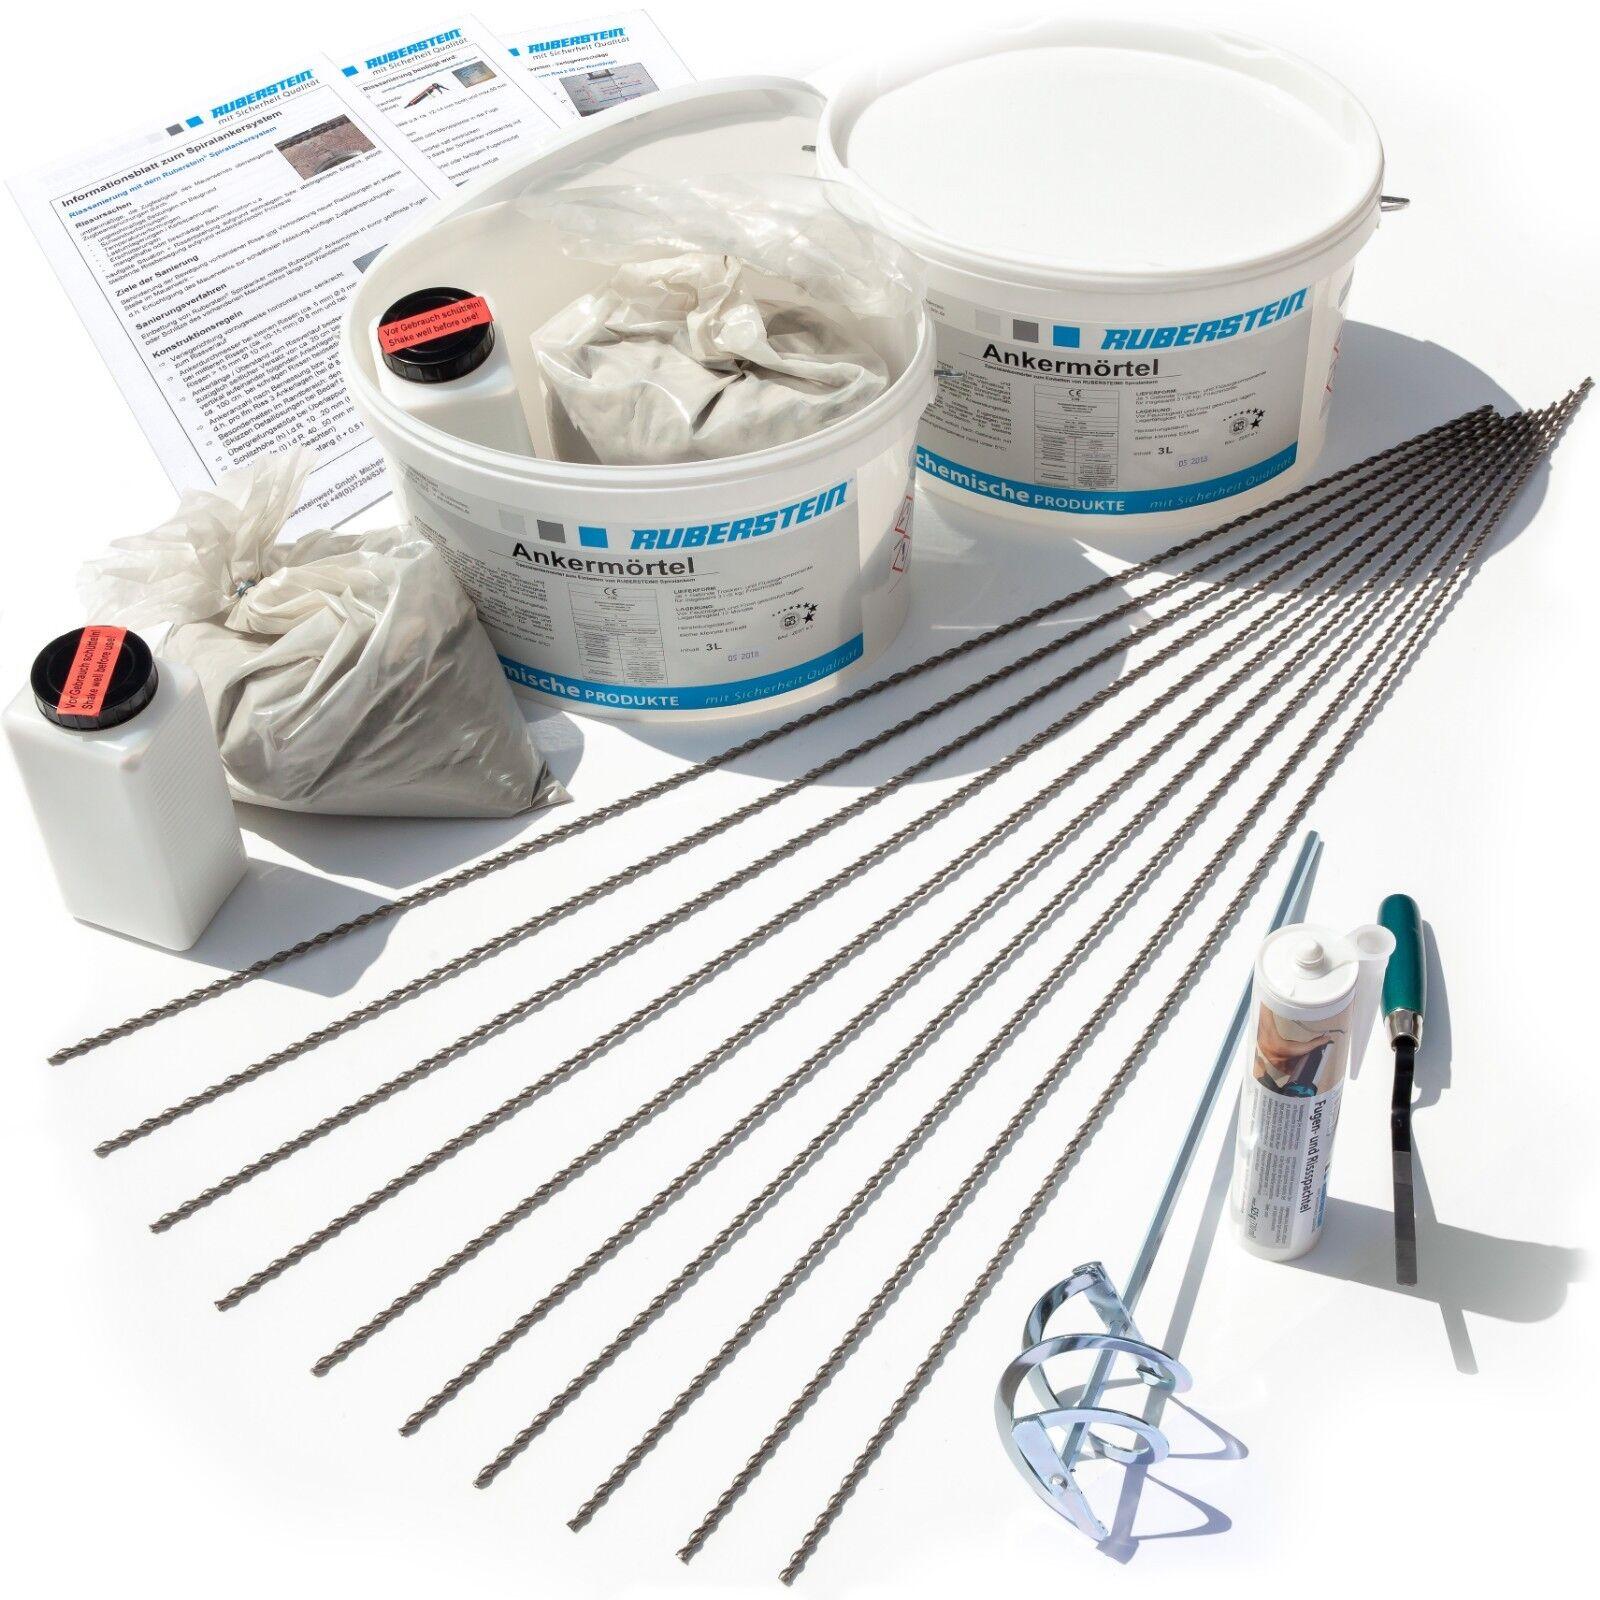 Ruberstein® Spiralanker Starterset 6,8,10 mm für die Risssanierung im Mauerwerk